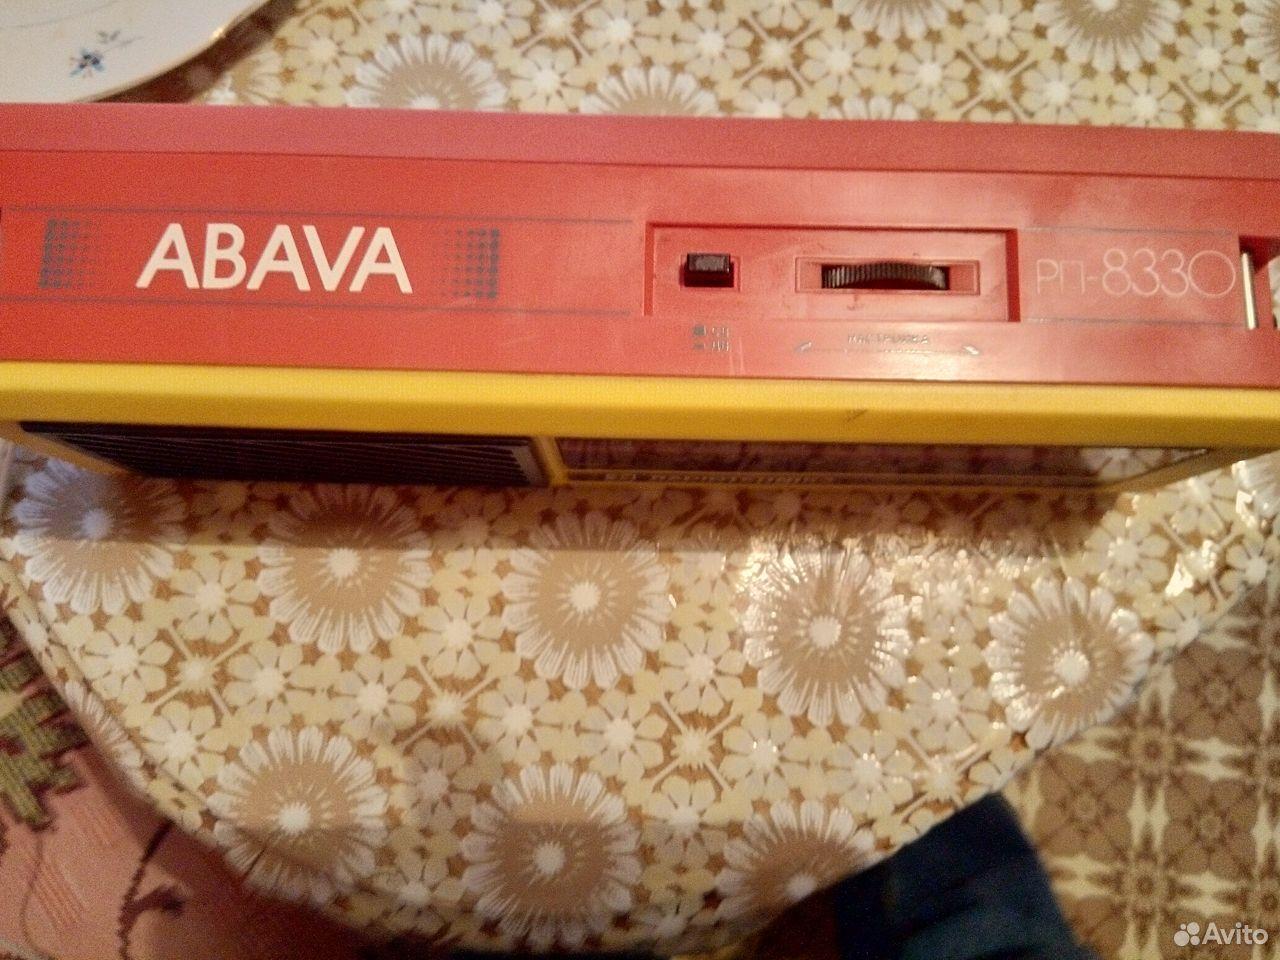 Радиоприемник рп-8330 abava  89040176196 купить 5